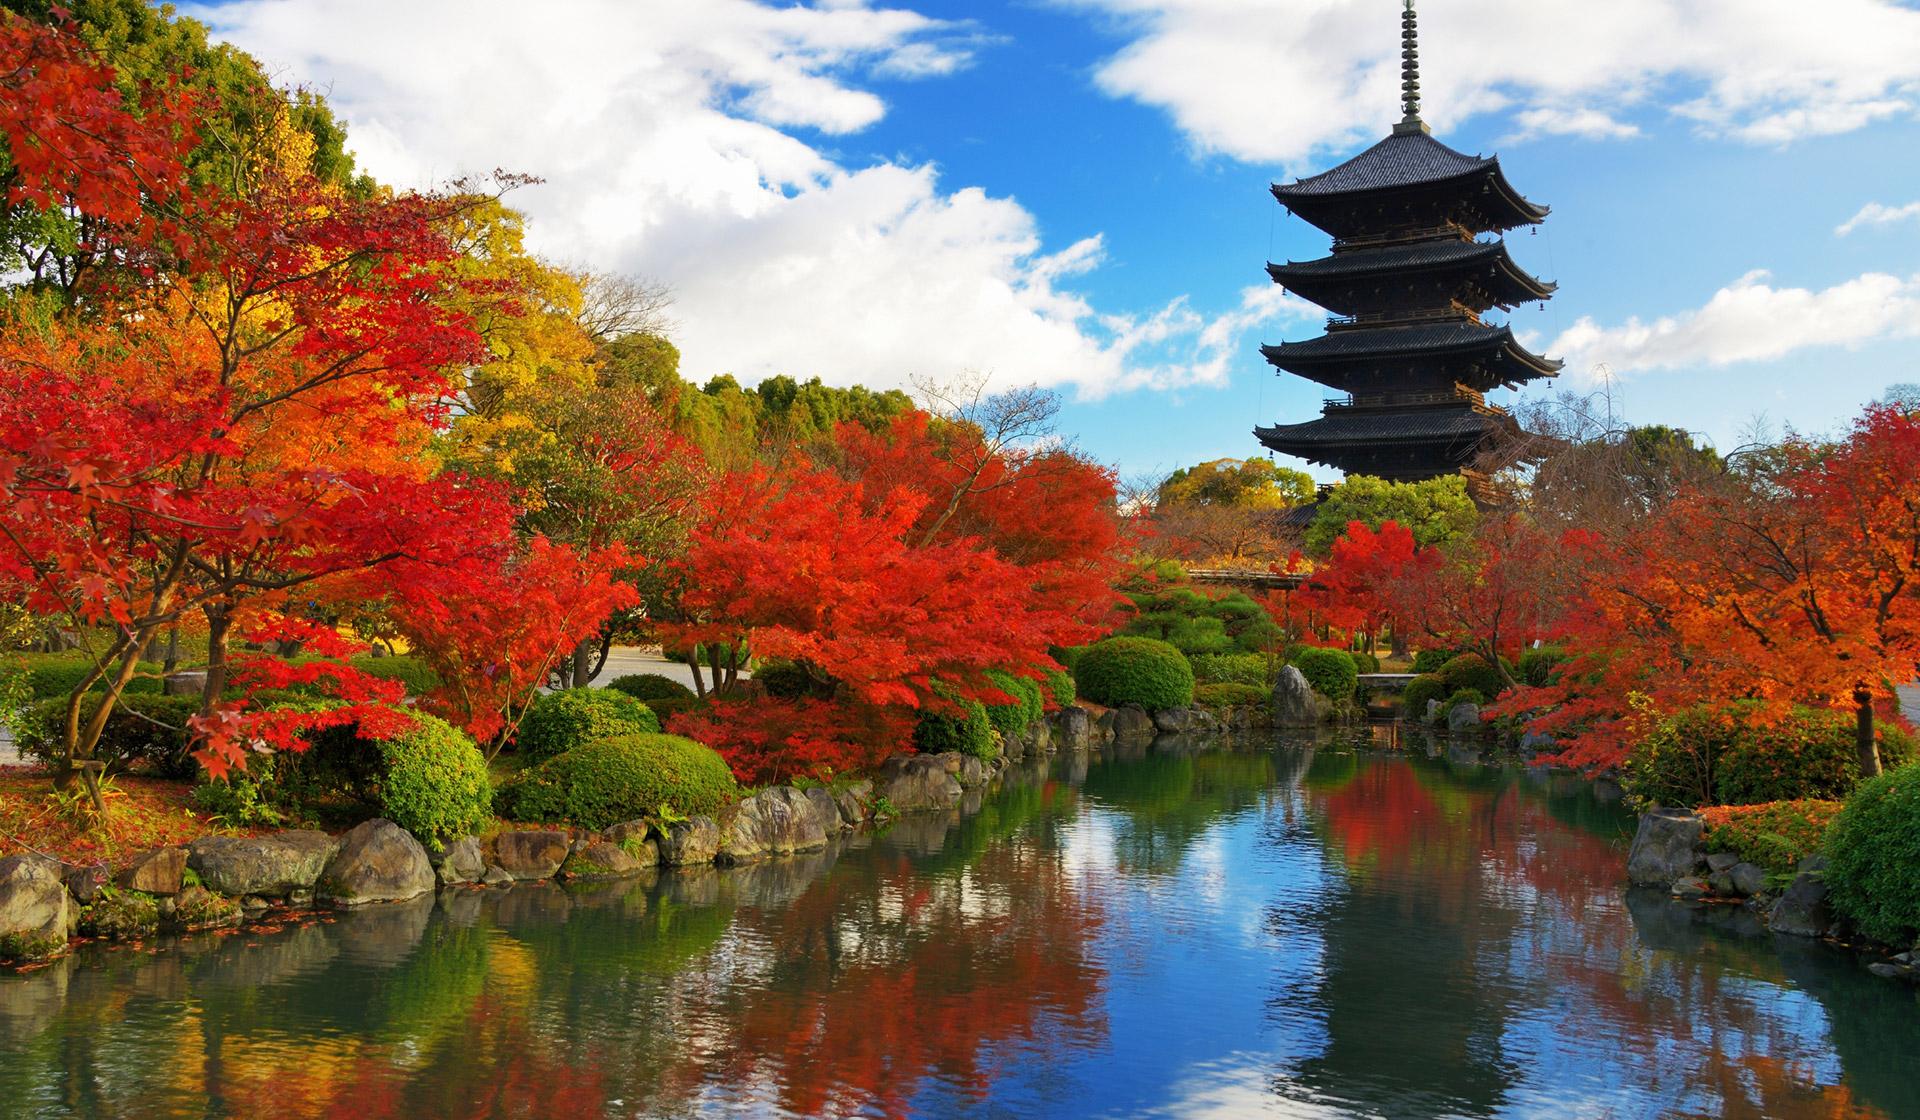 Tour du lịch Nhật Bản tết âm lịch 2020 cực kỳ hấp dẫn